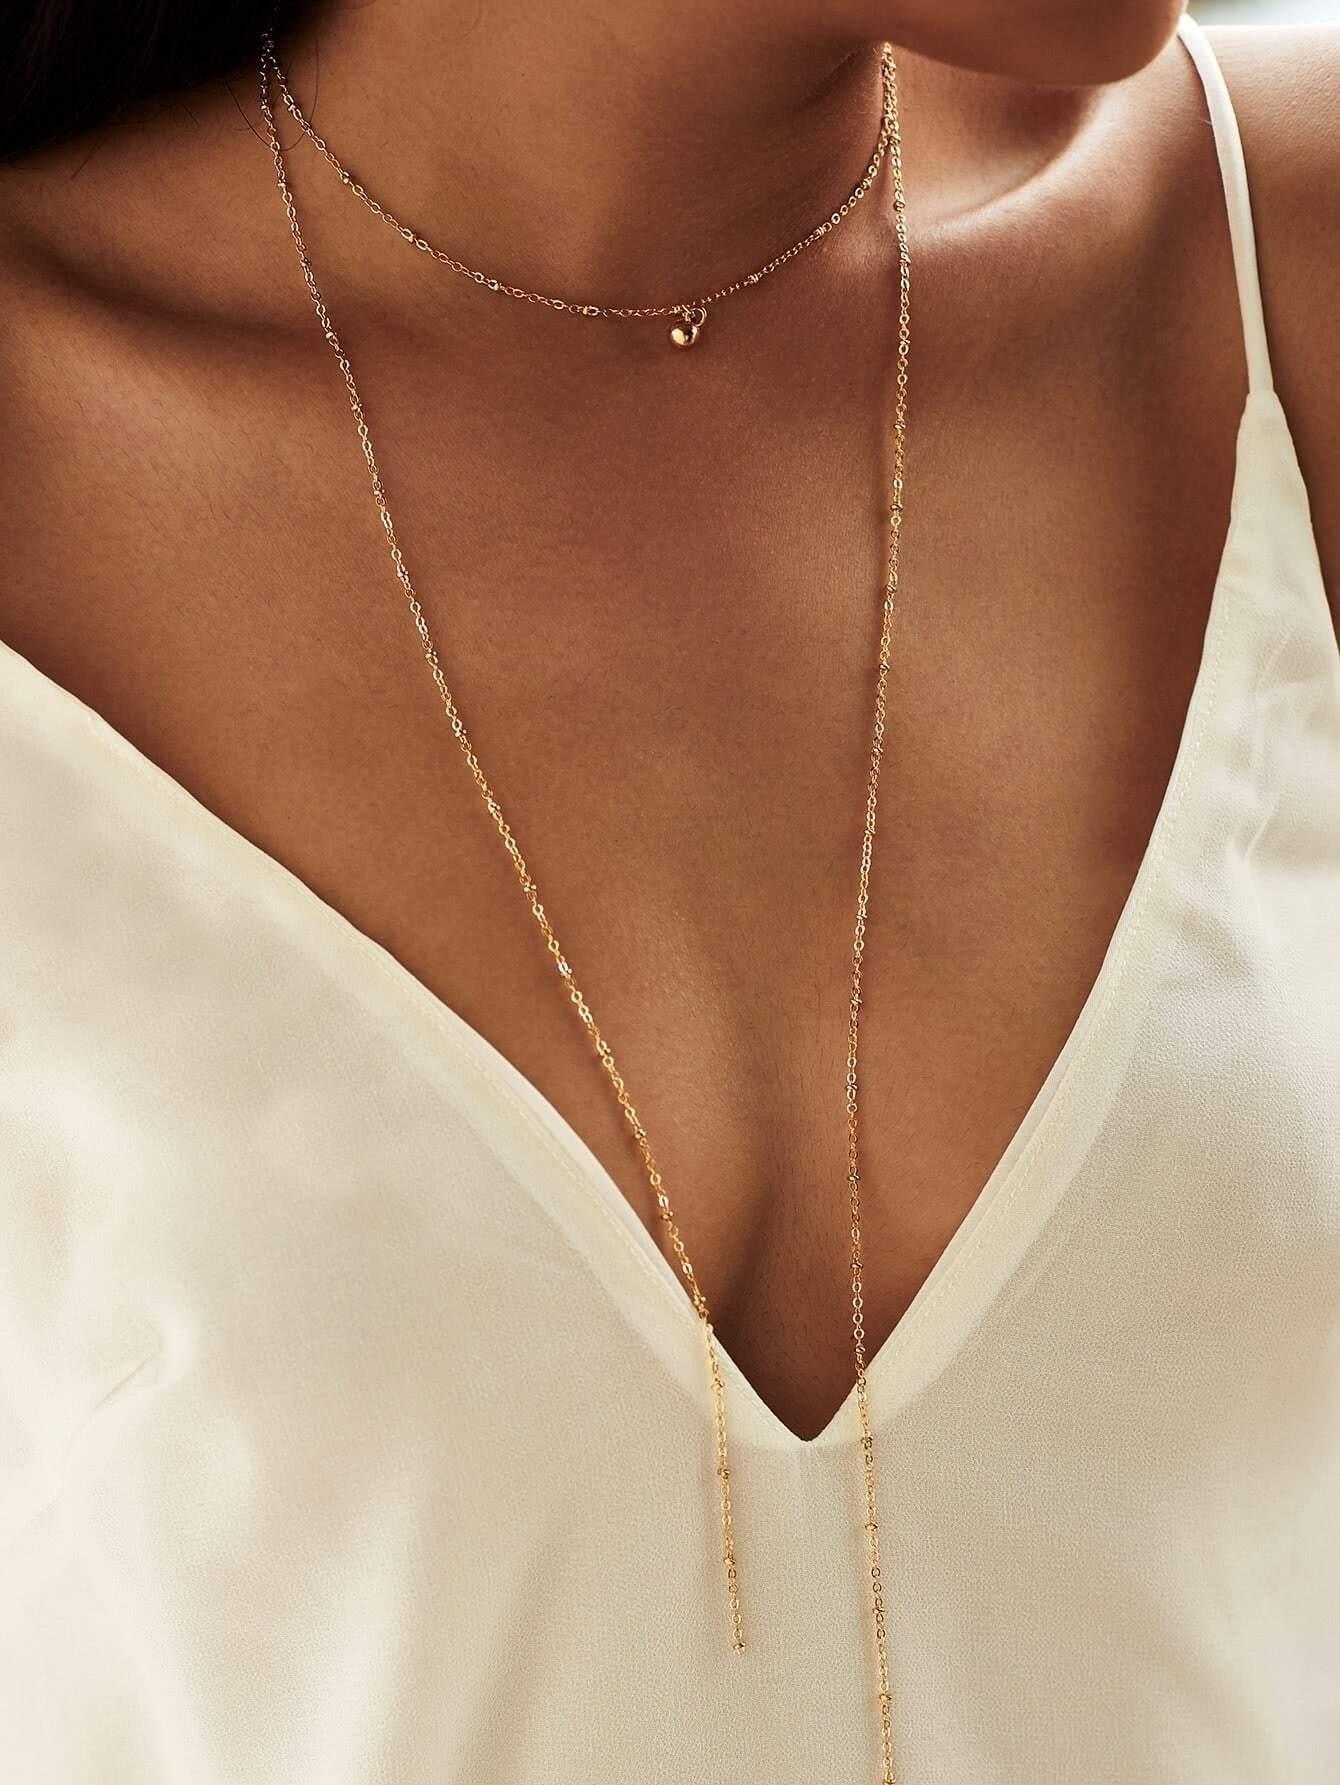 Layered Chain Choker Necklace EmmaCloth-Women Fast Fashion ...